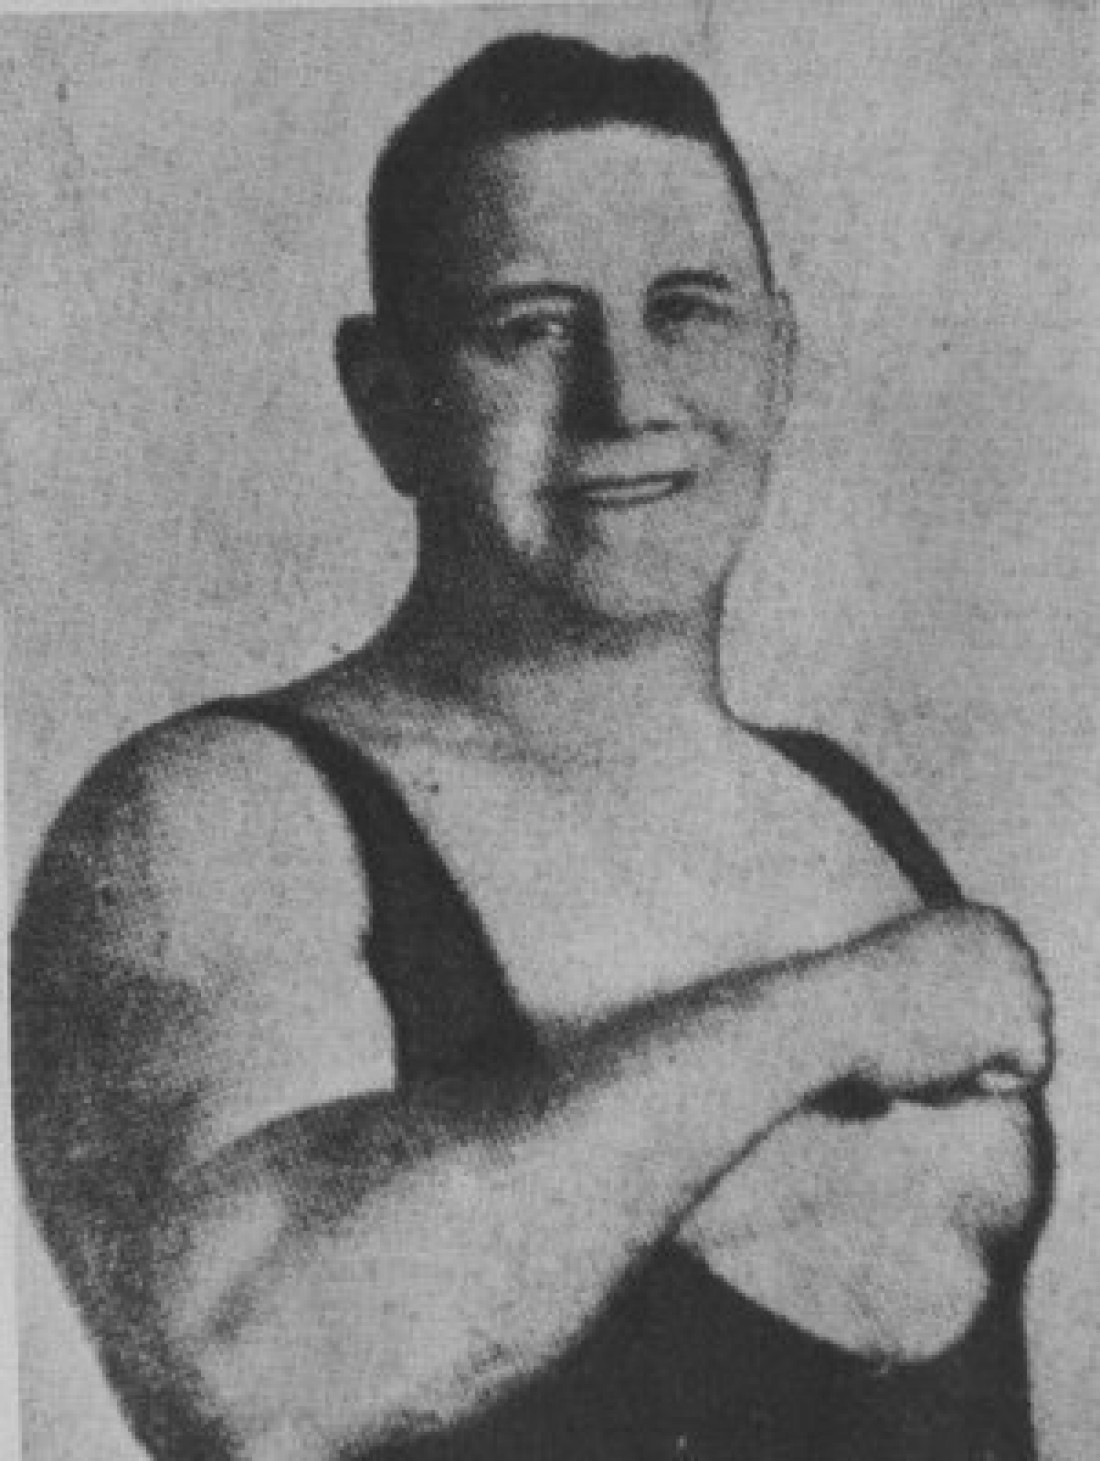 Силач из Филадельфии Георг (Джордж) Зоттман